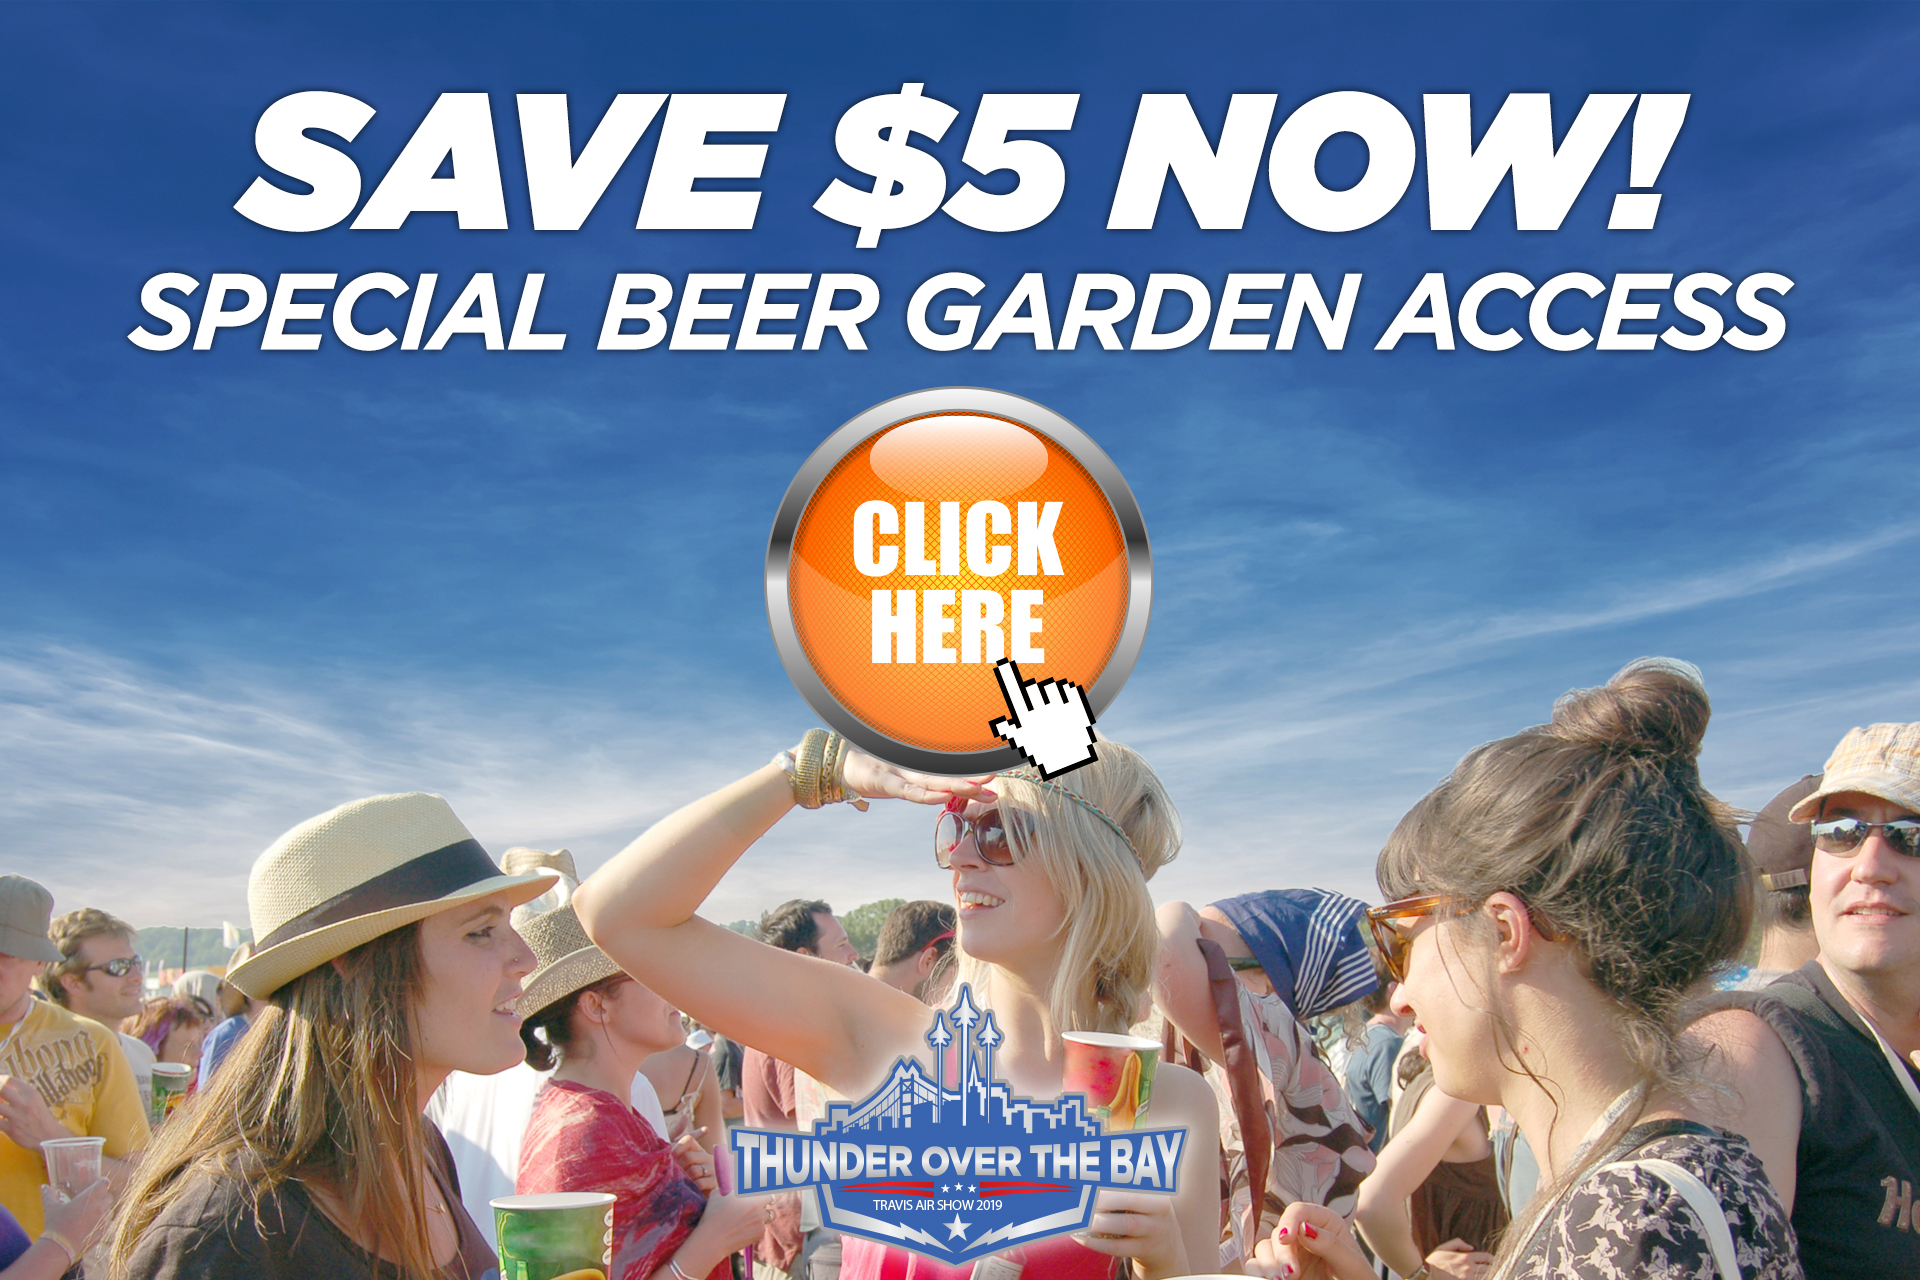 Beergarden-slide Copy 3